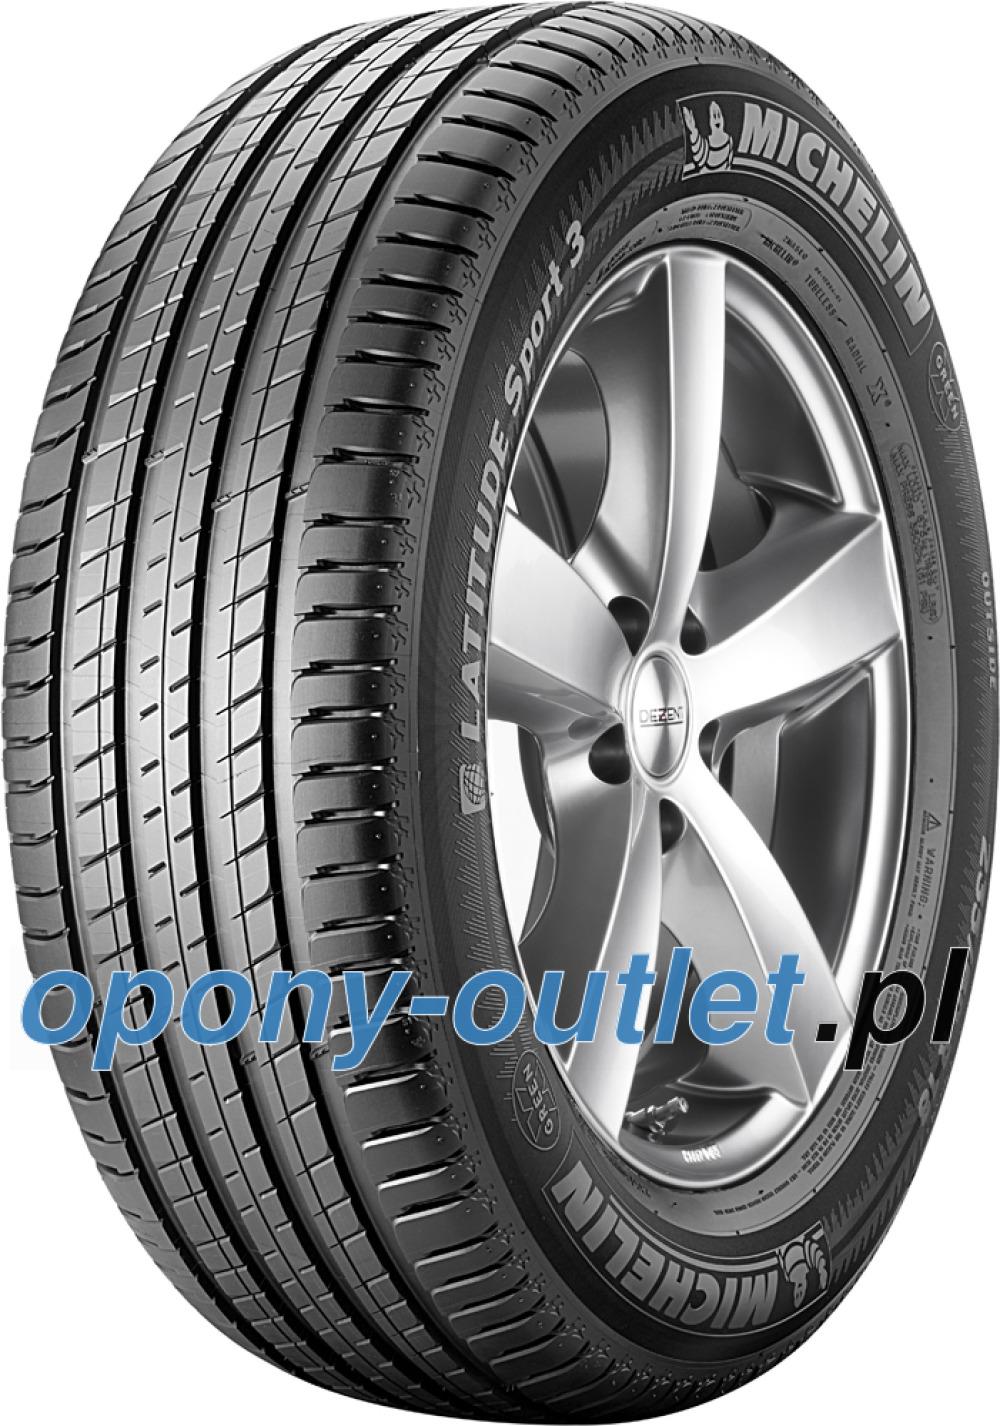 Michelin Latitude Sport 3 ( 265/50 R20 111Y XL )